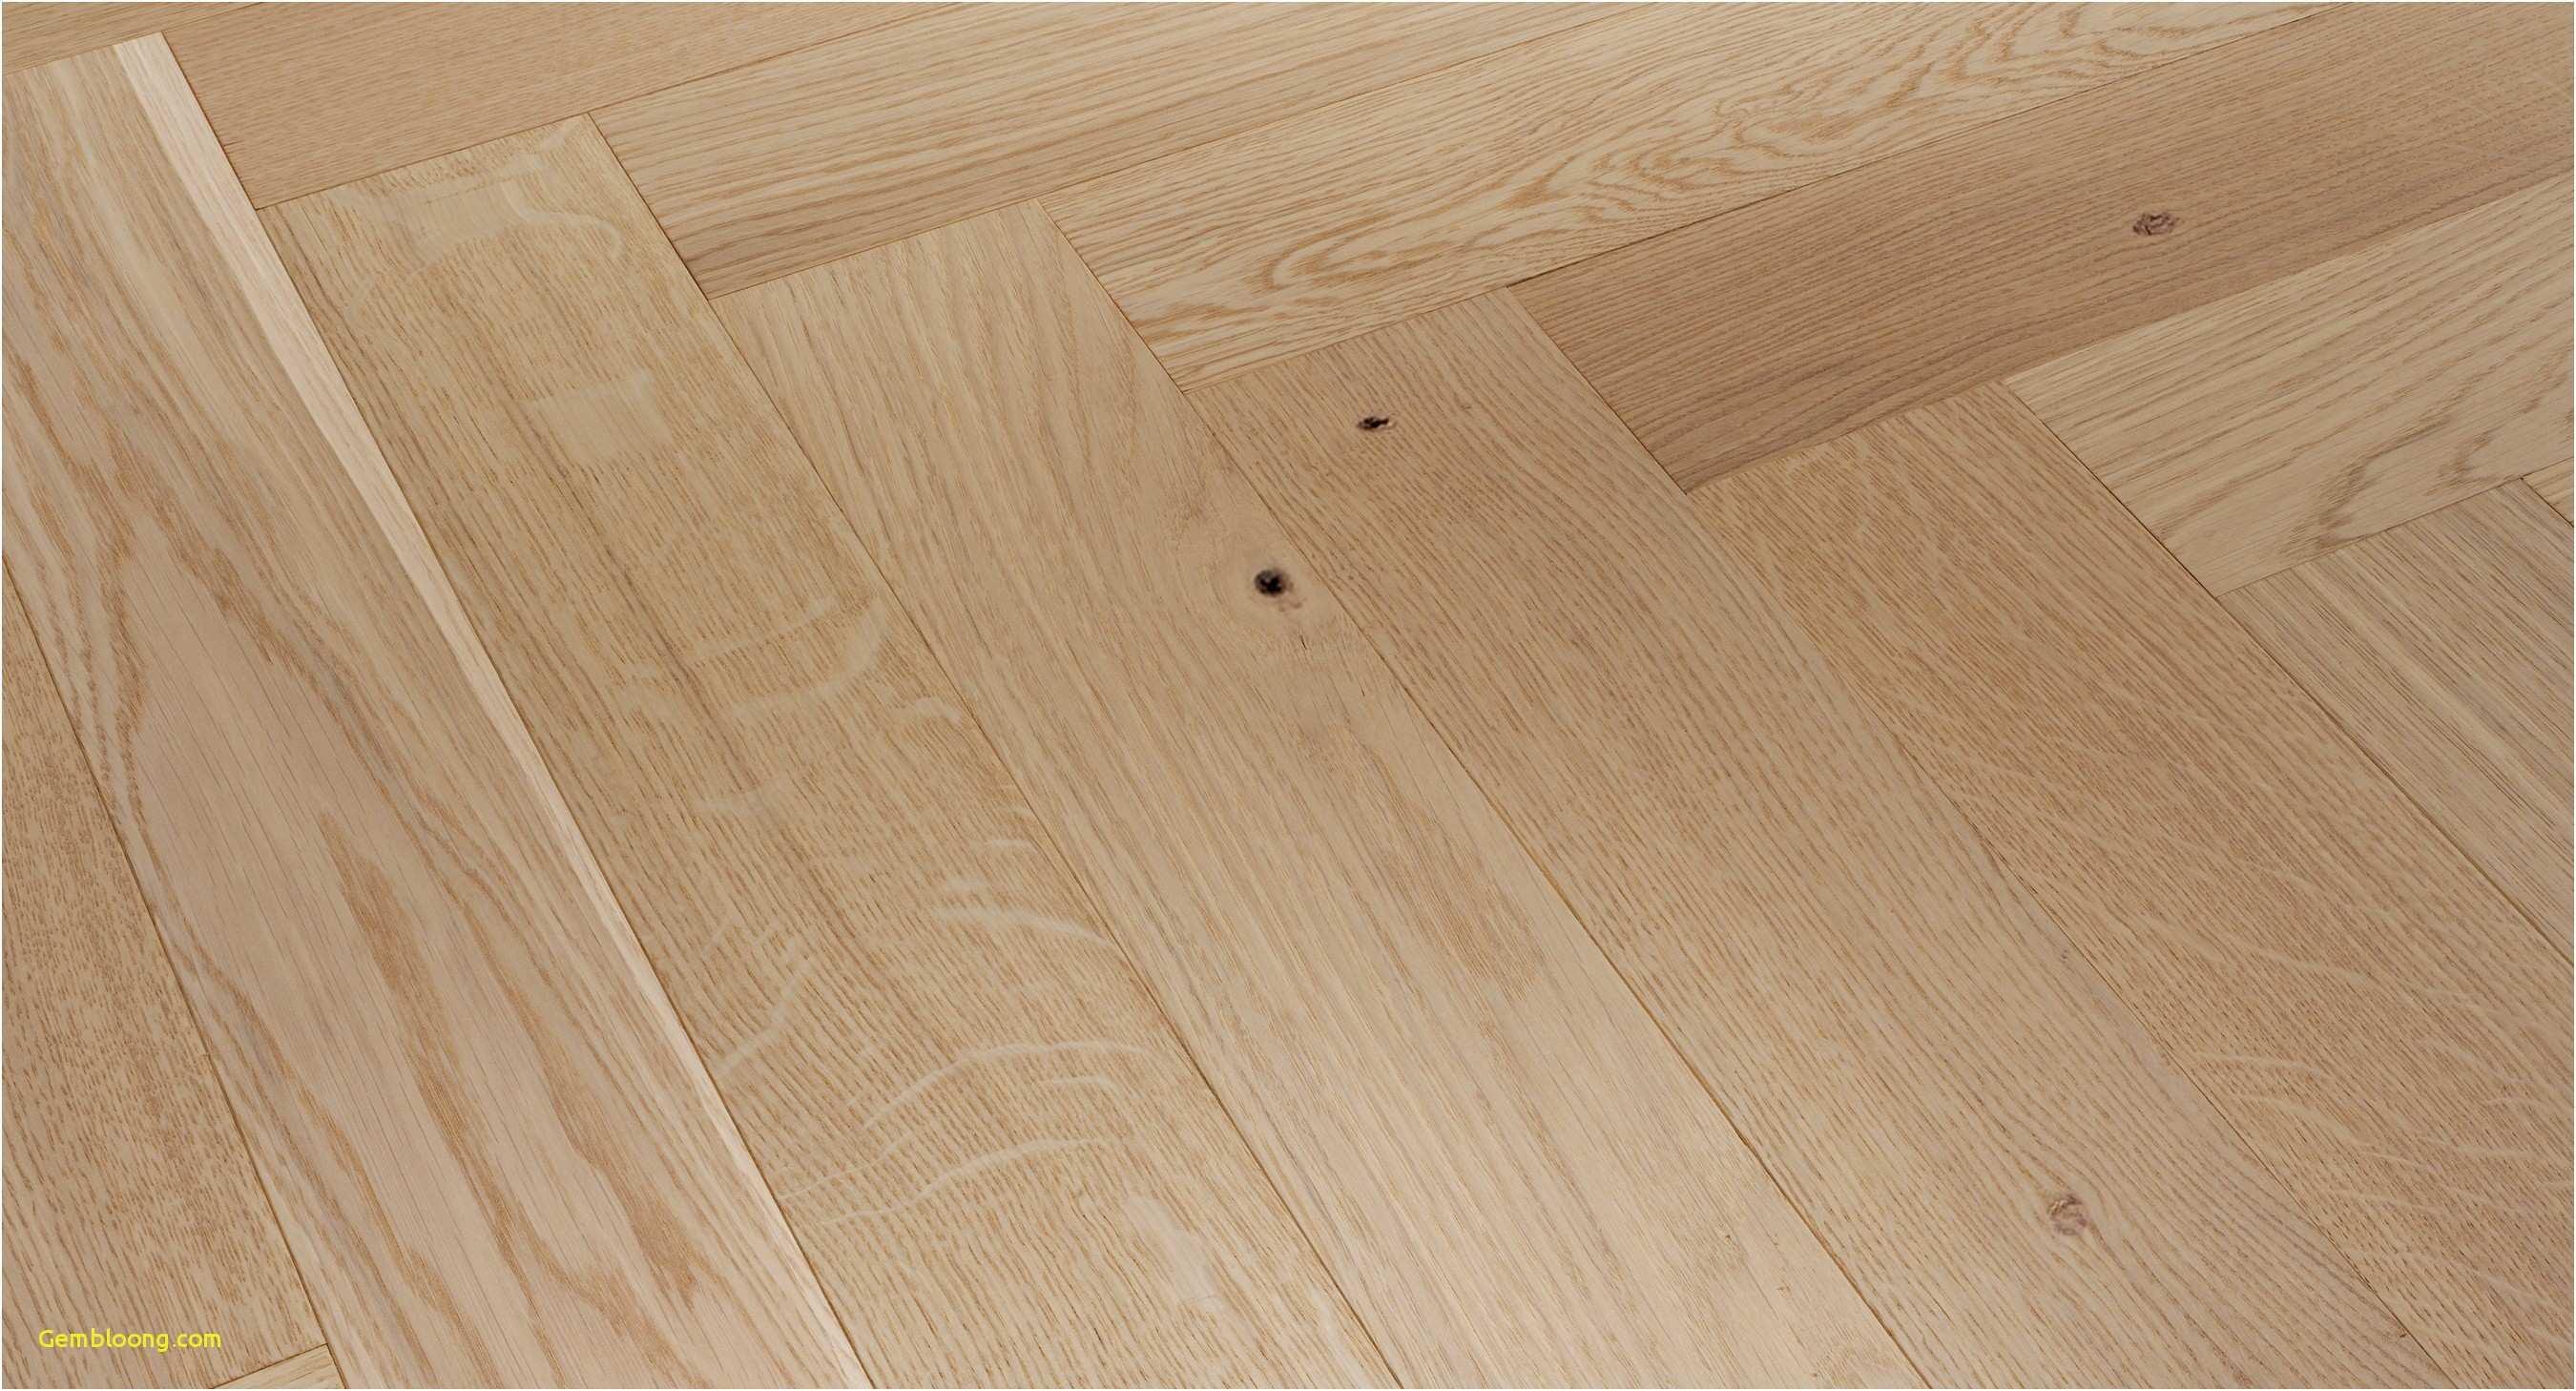 laminate vs hardwood vs engineered hardwood flooring of wood for floors facesinnature with wood for floors wood laminate flooring vs hardwood unique splendid exterior